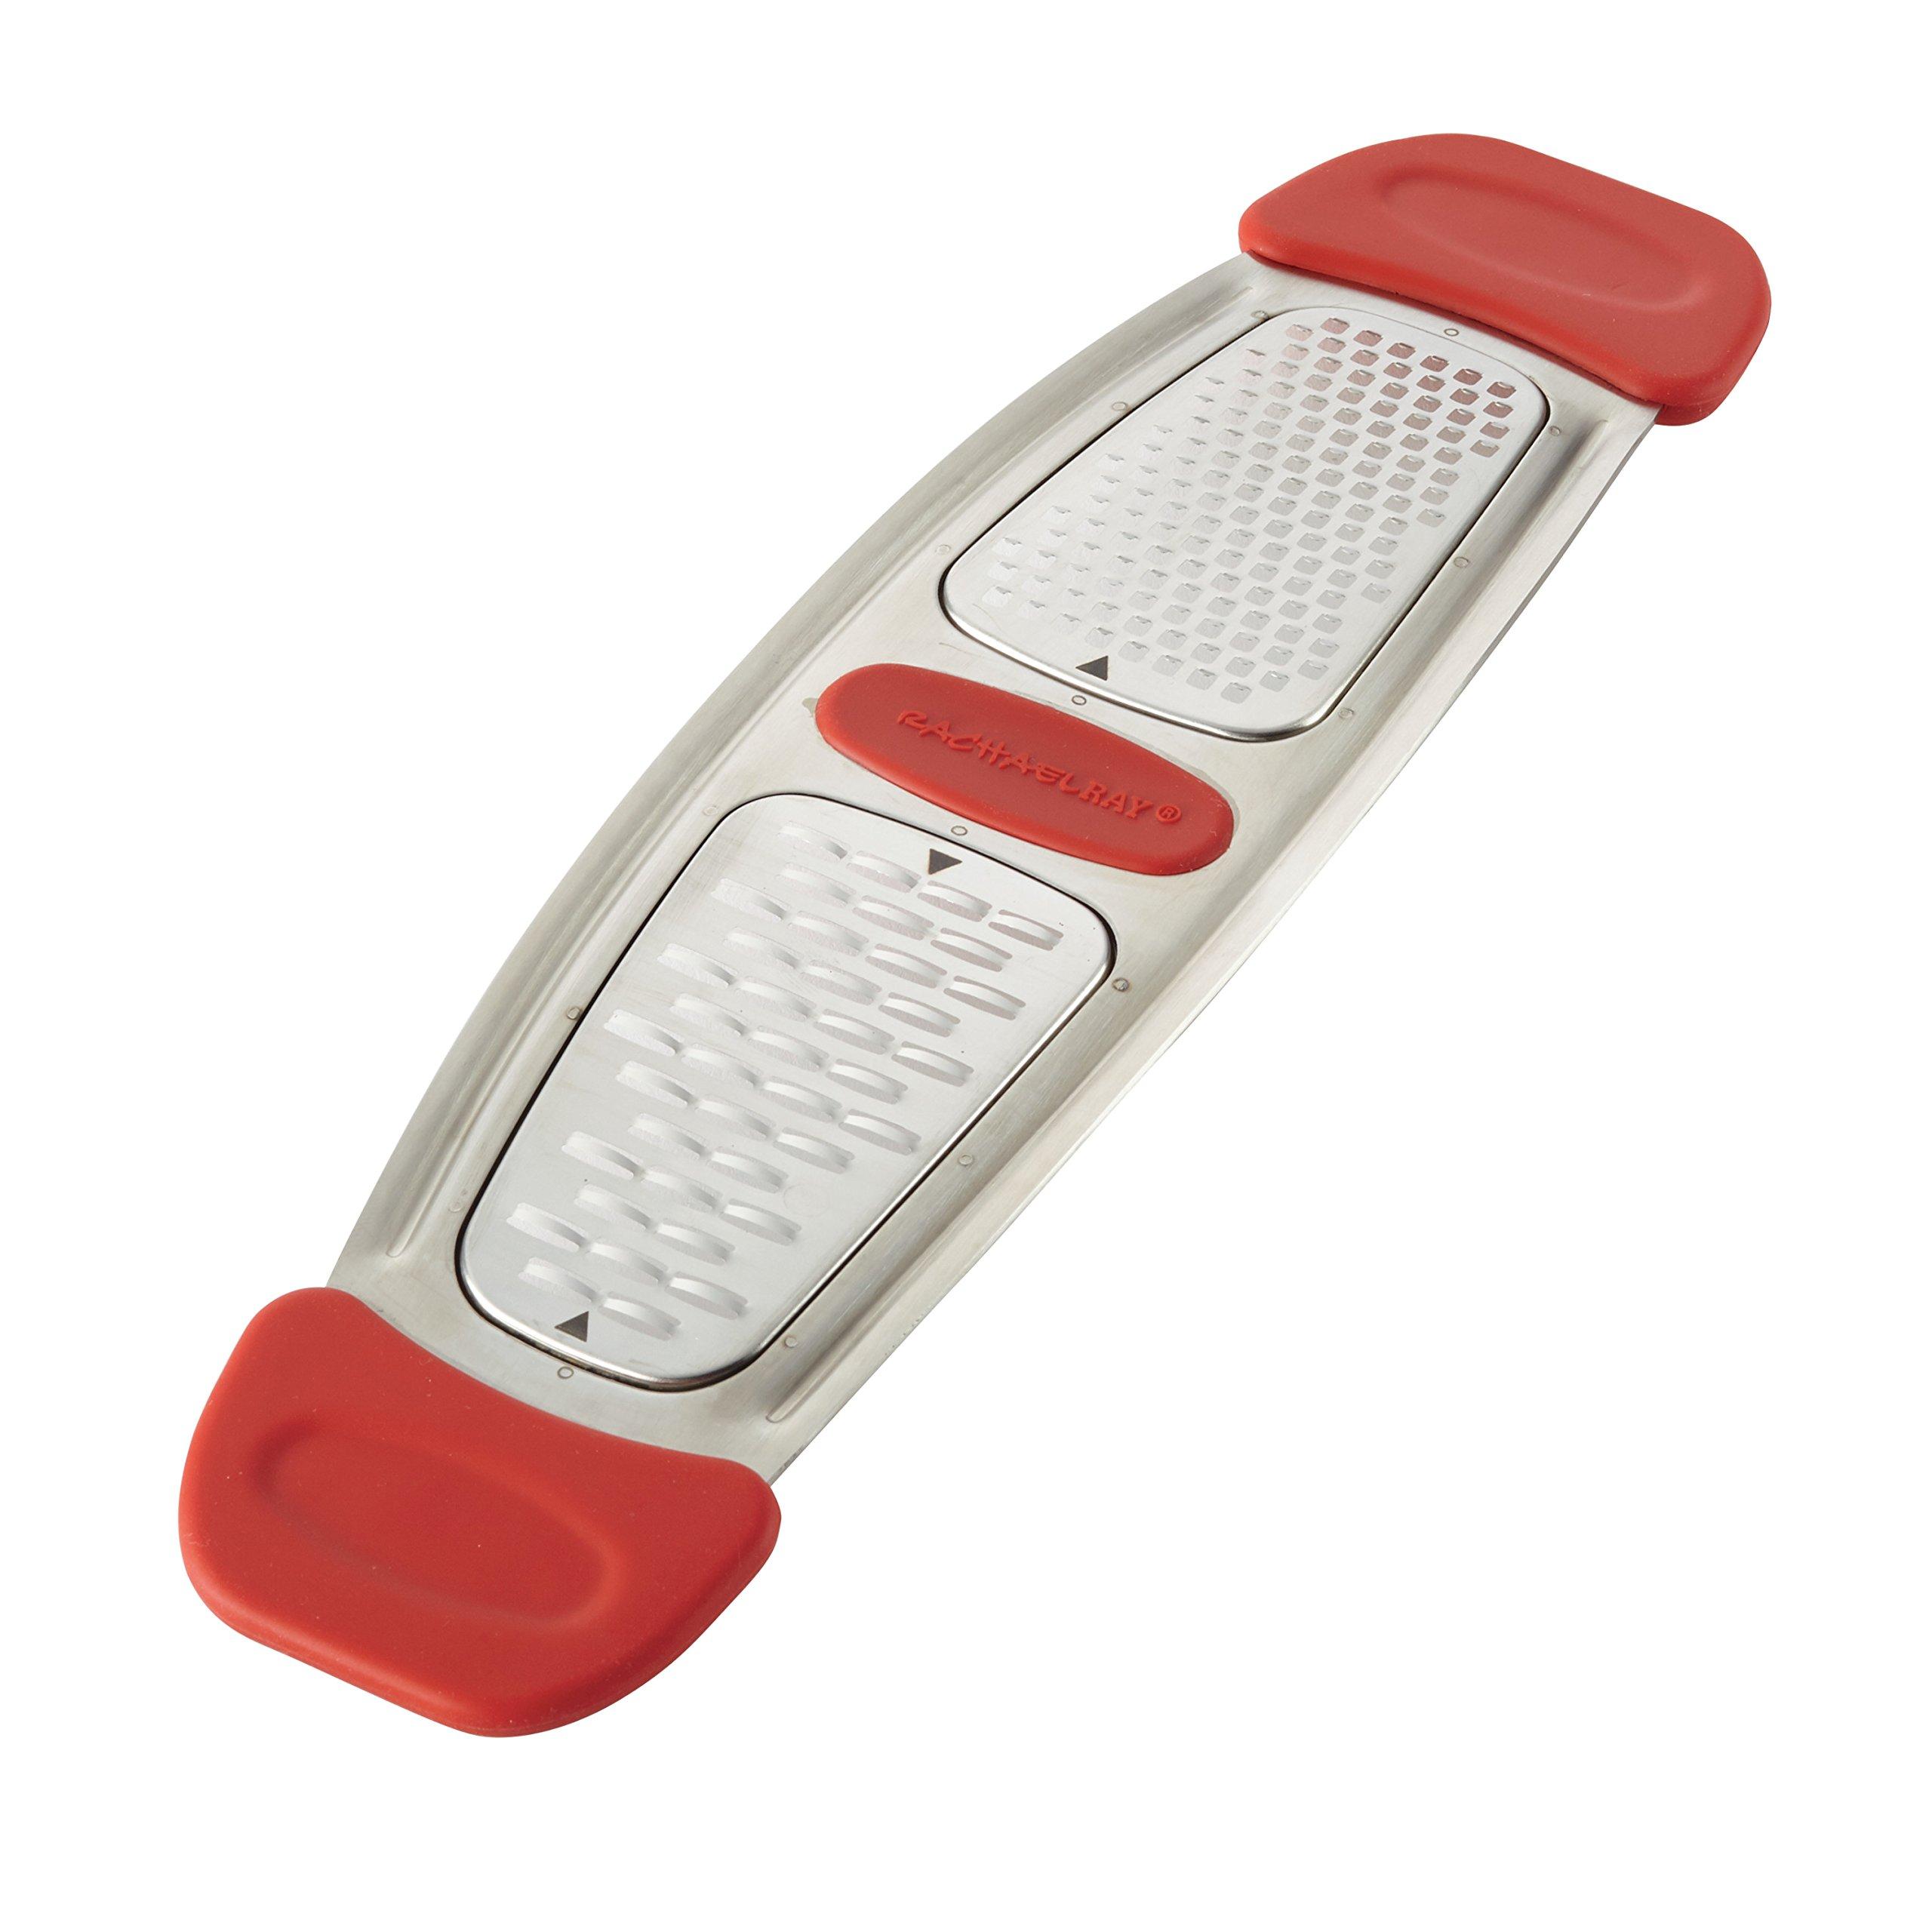 rachael ray utensils amazon com rh amazon com where can i buy rachael ray kitchen utensils